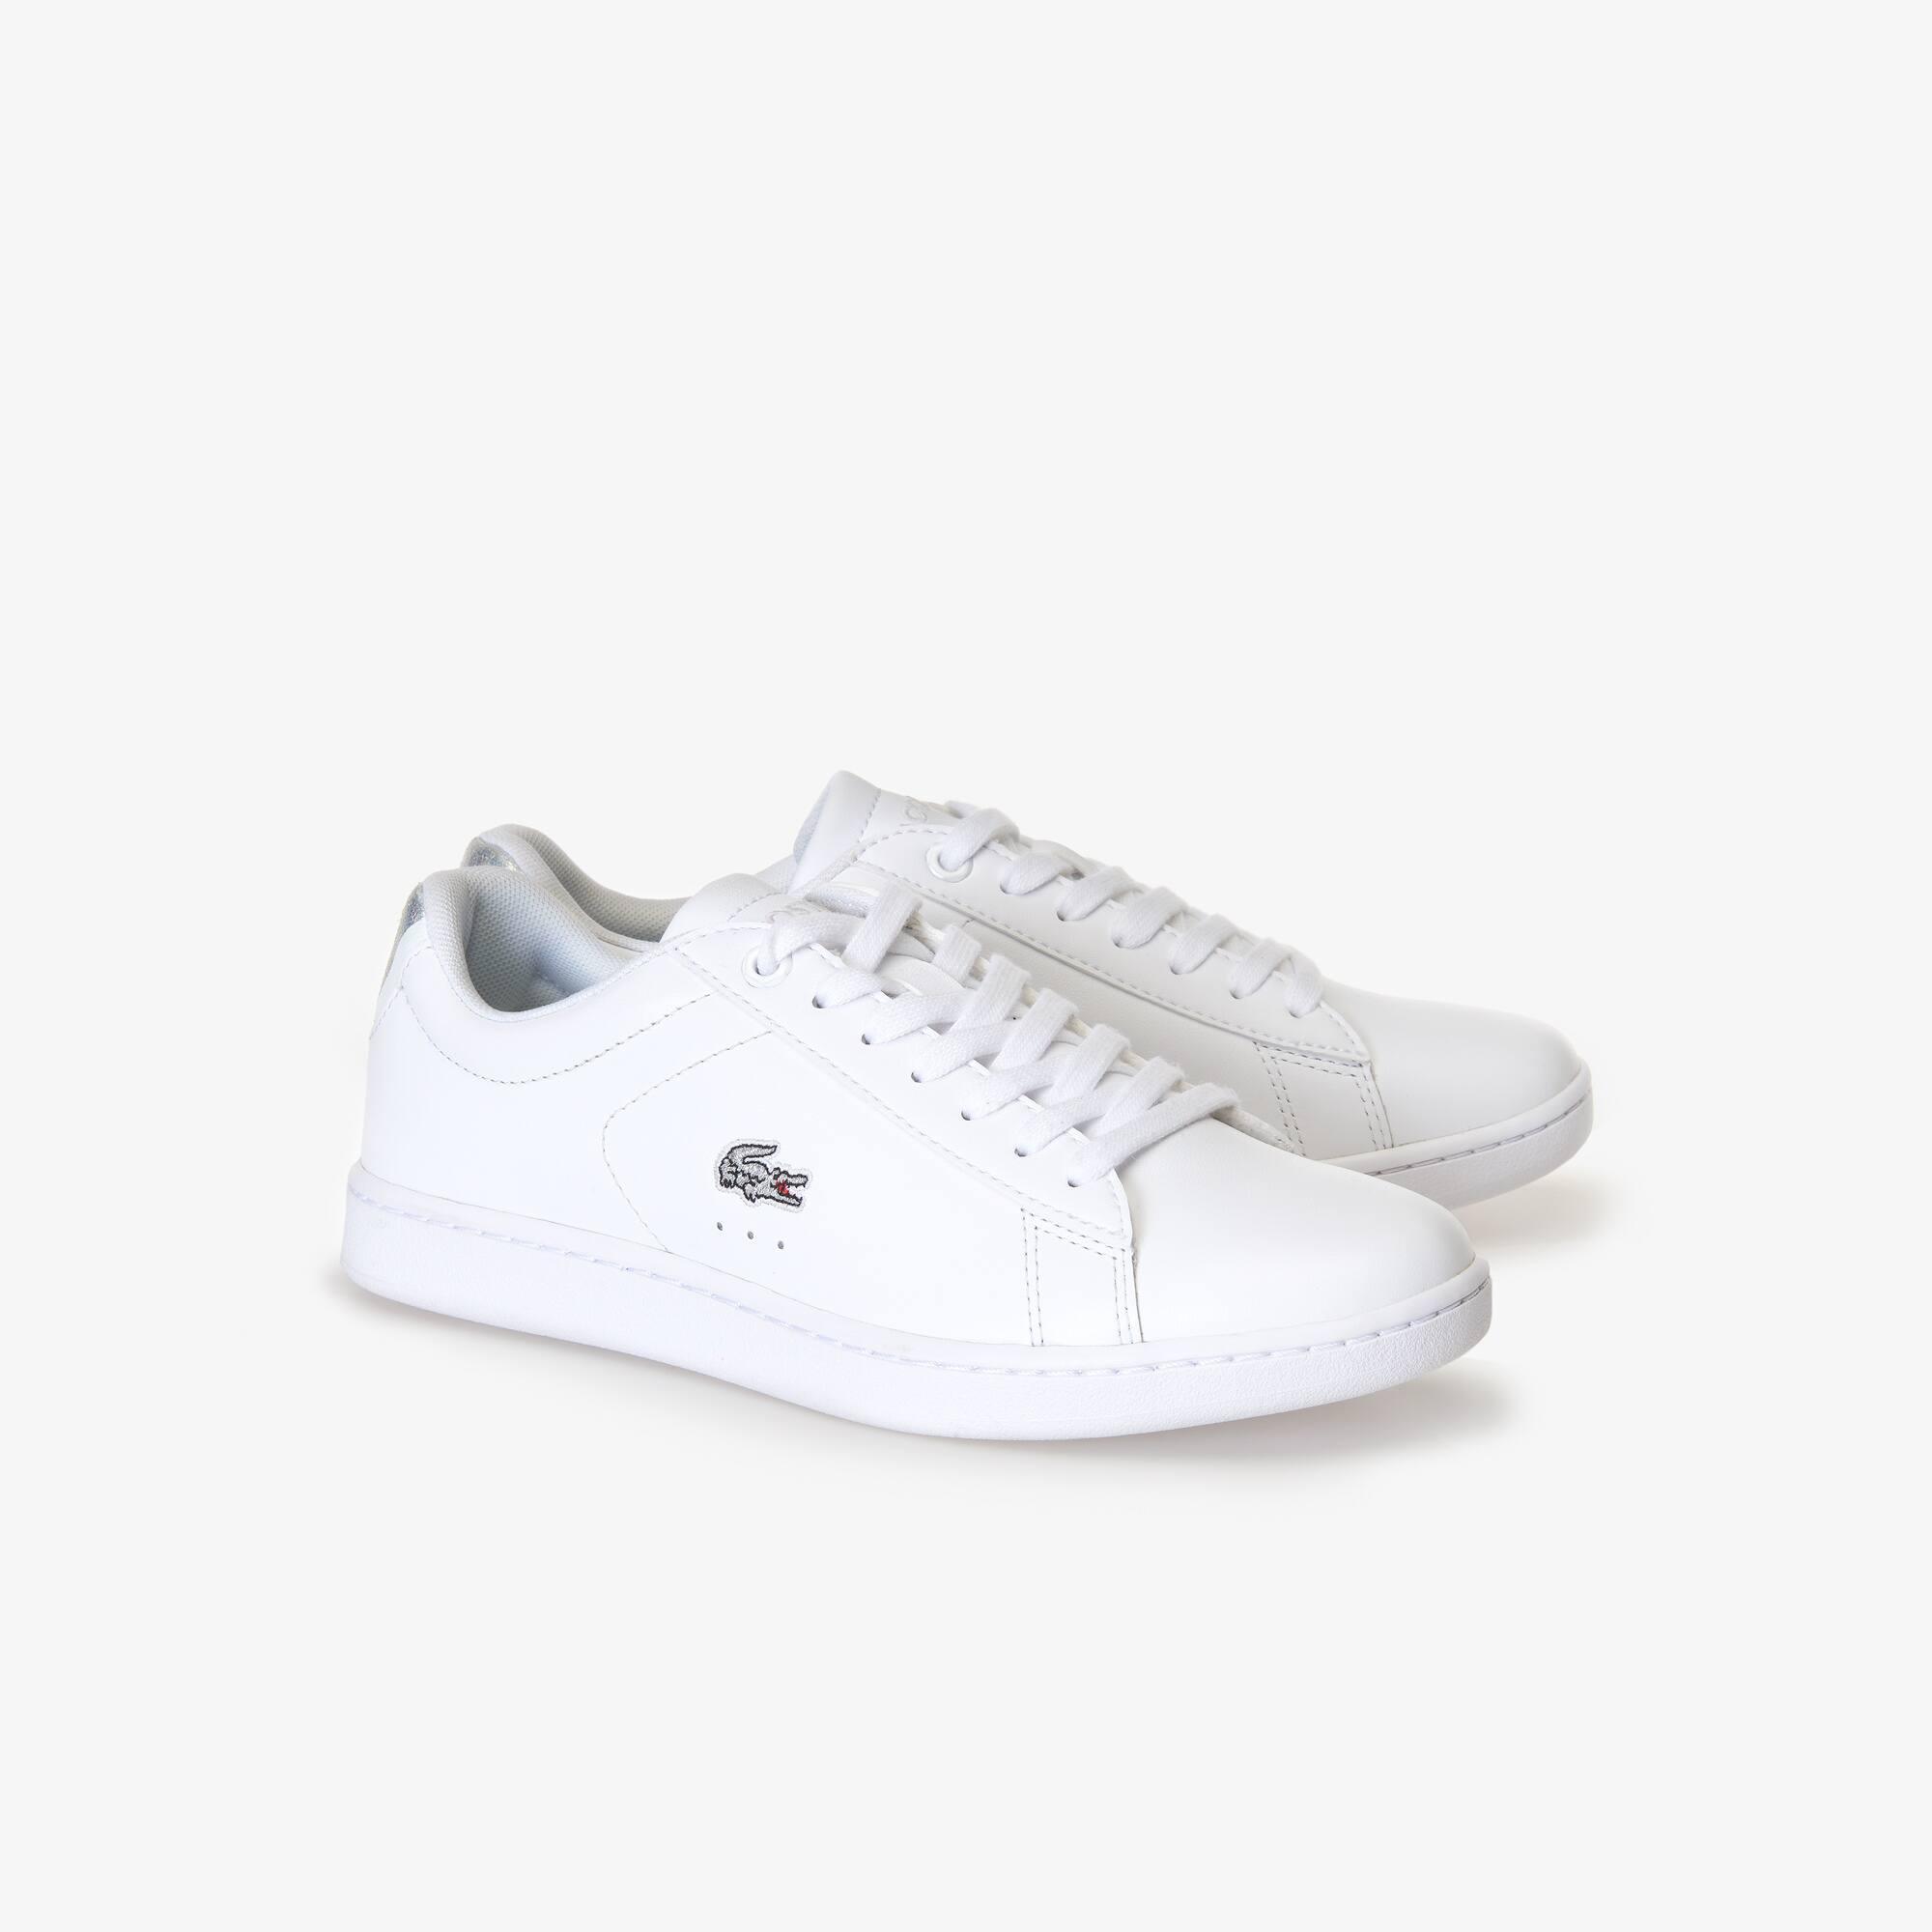 HolographiqueLacoste Femme Cuir Sneakers Carnaby En Evo 0wPZ8NknOX